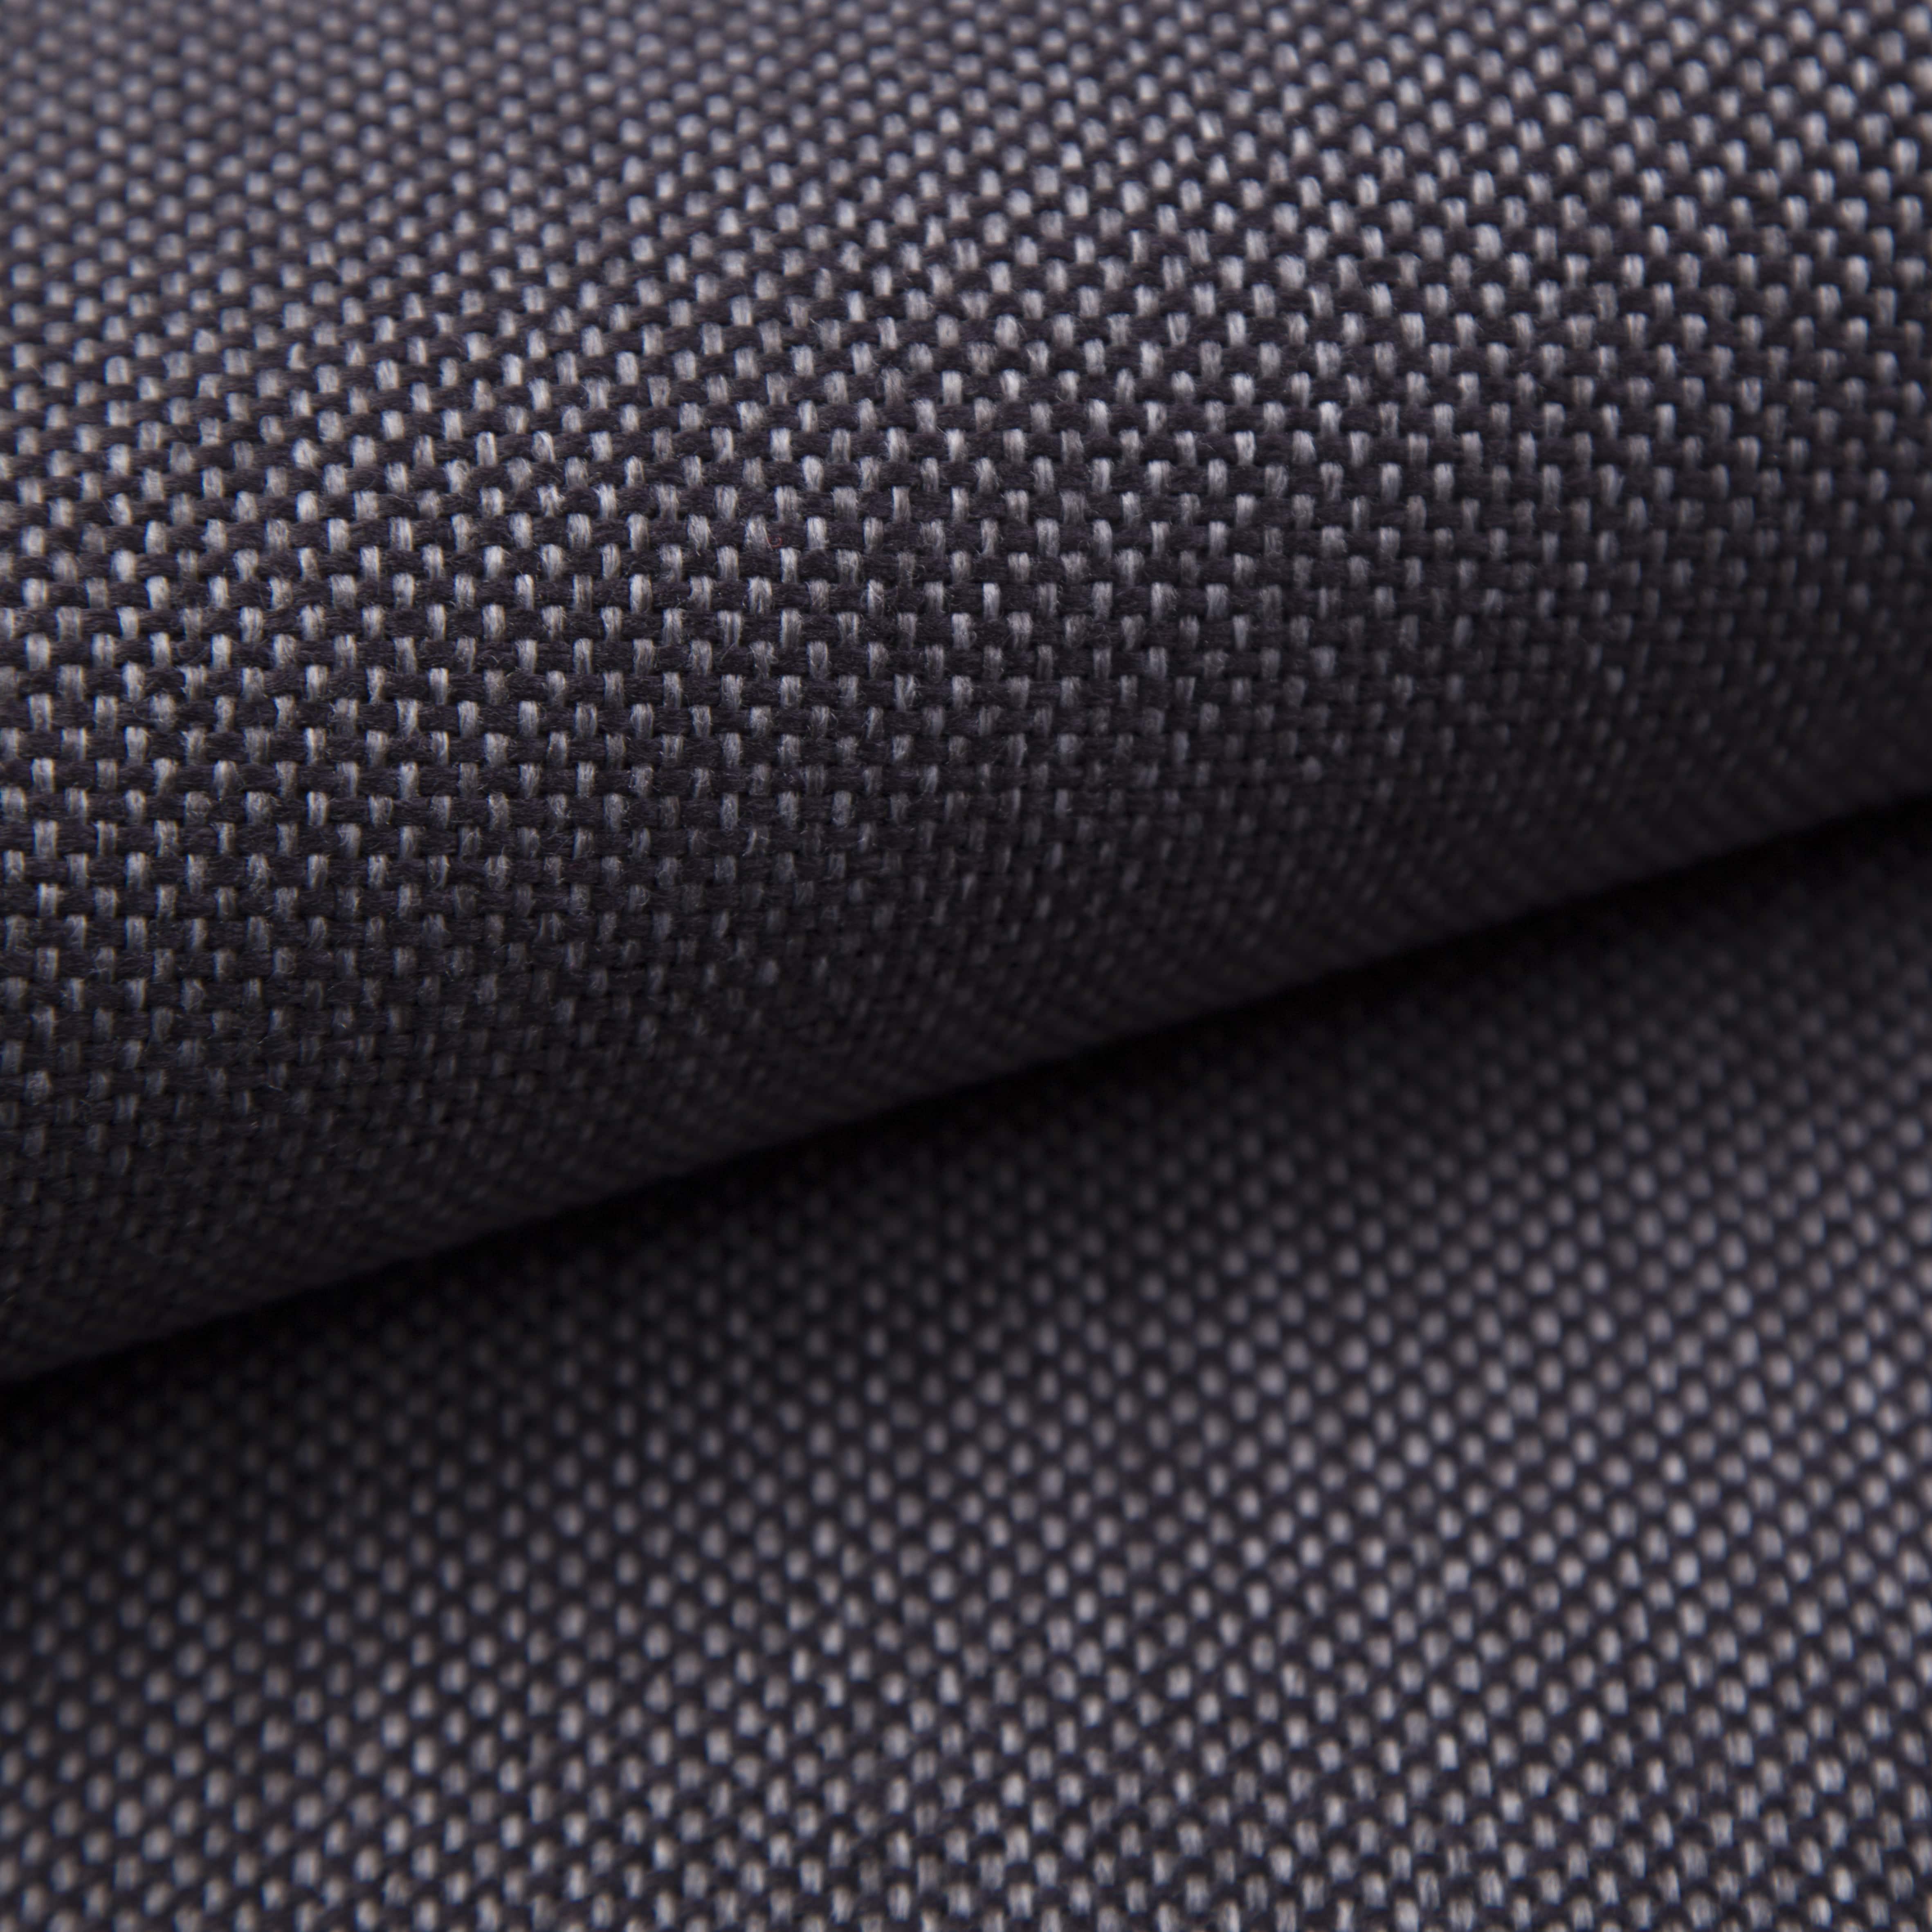 Laufmeterstoff Polyester - MUNA 10